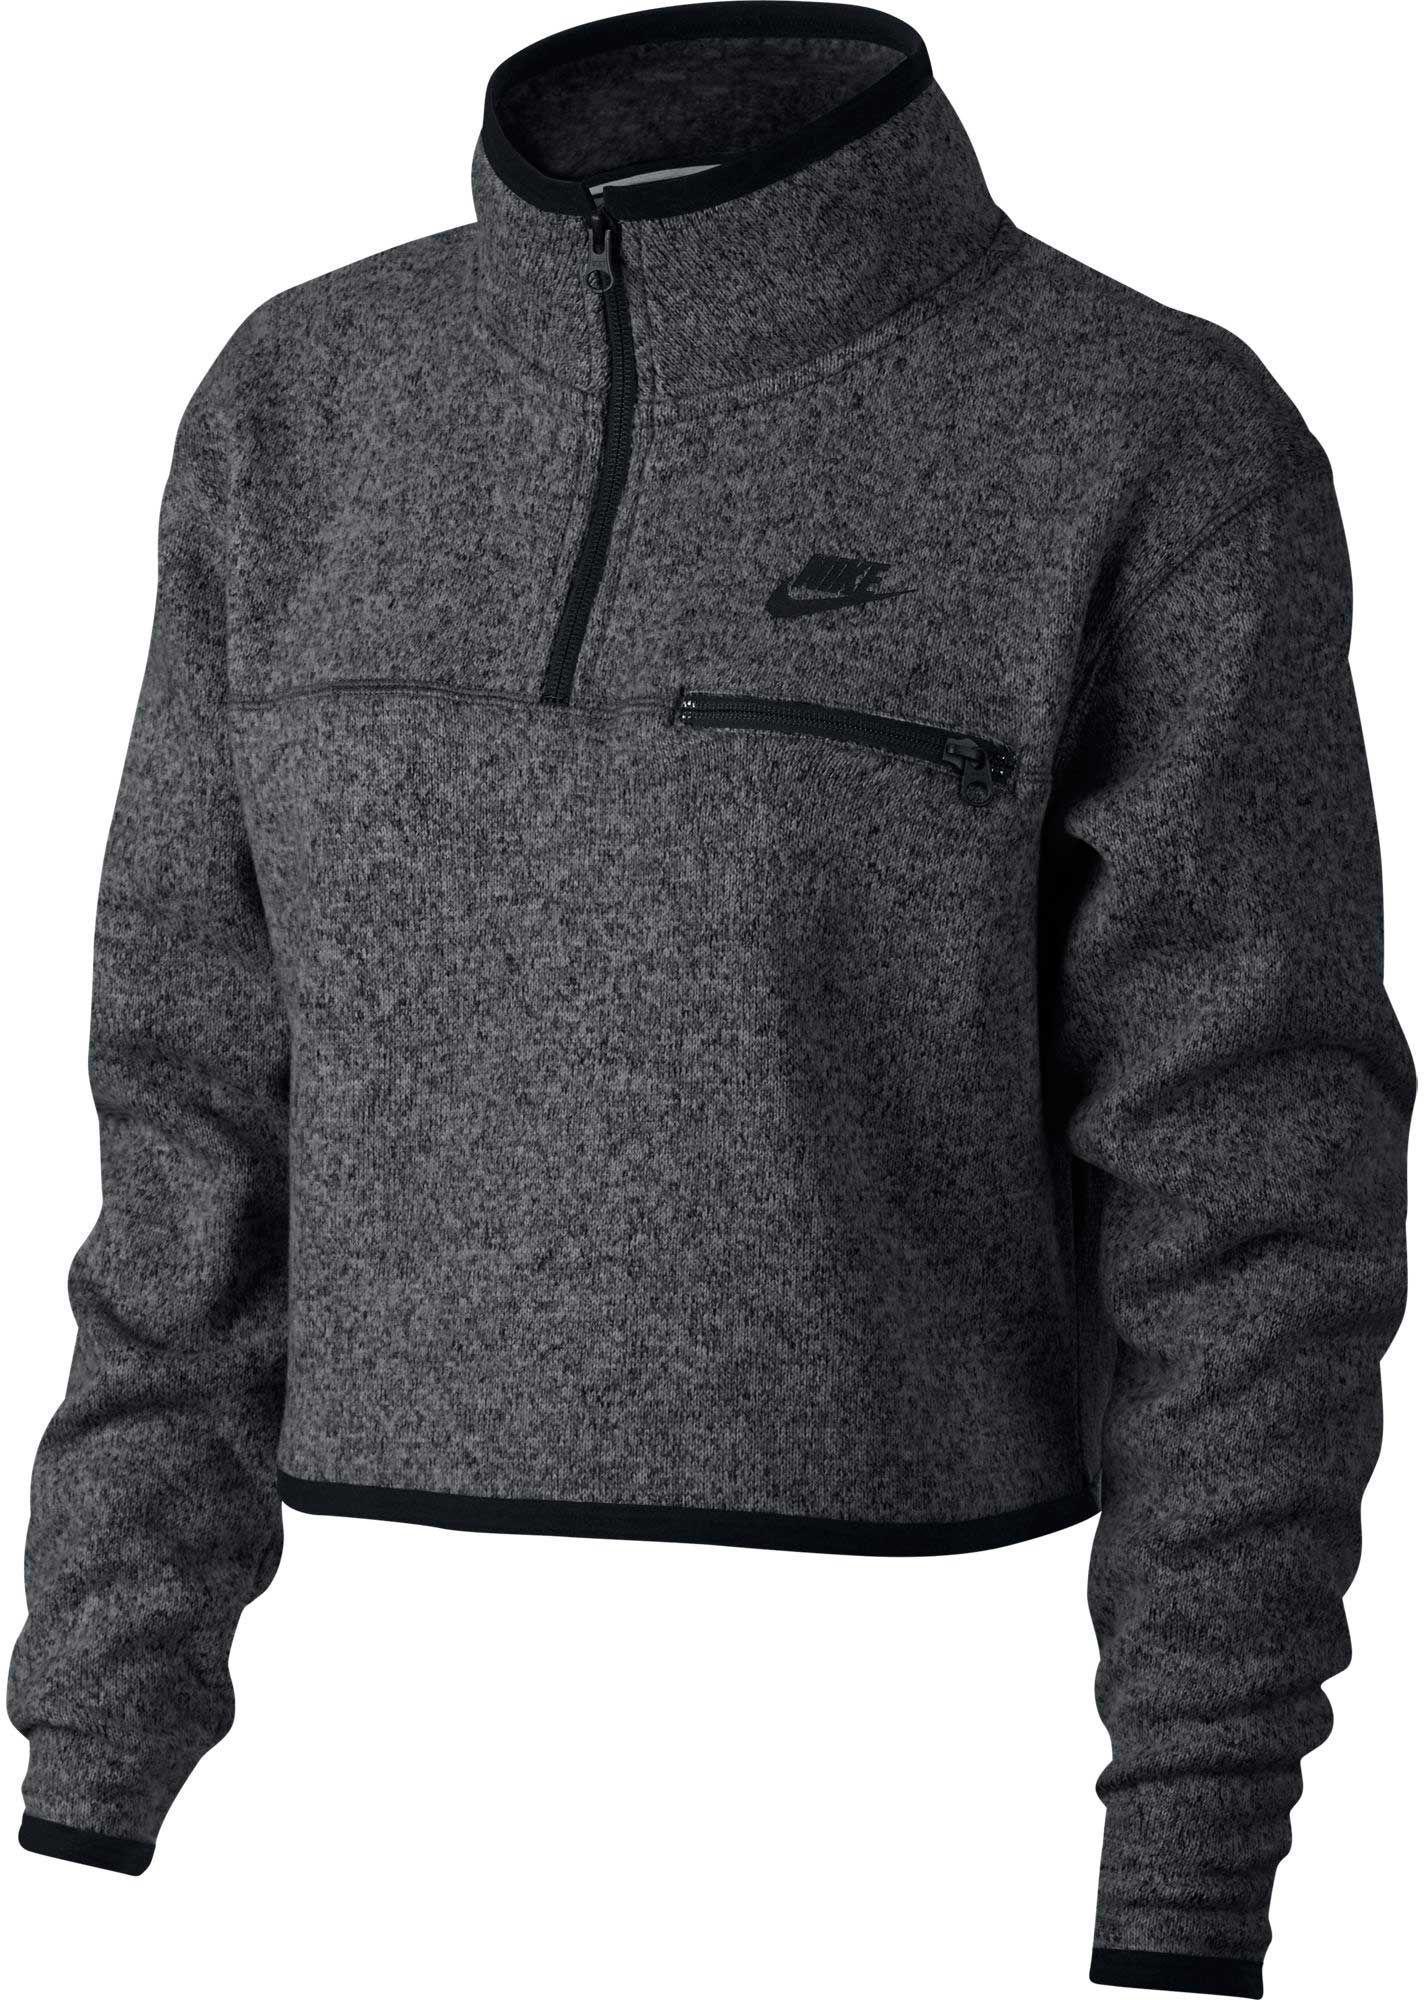 Lyst - Nike Sportswear Summit 12 Zip Cropped Long Sleeve -3343